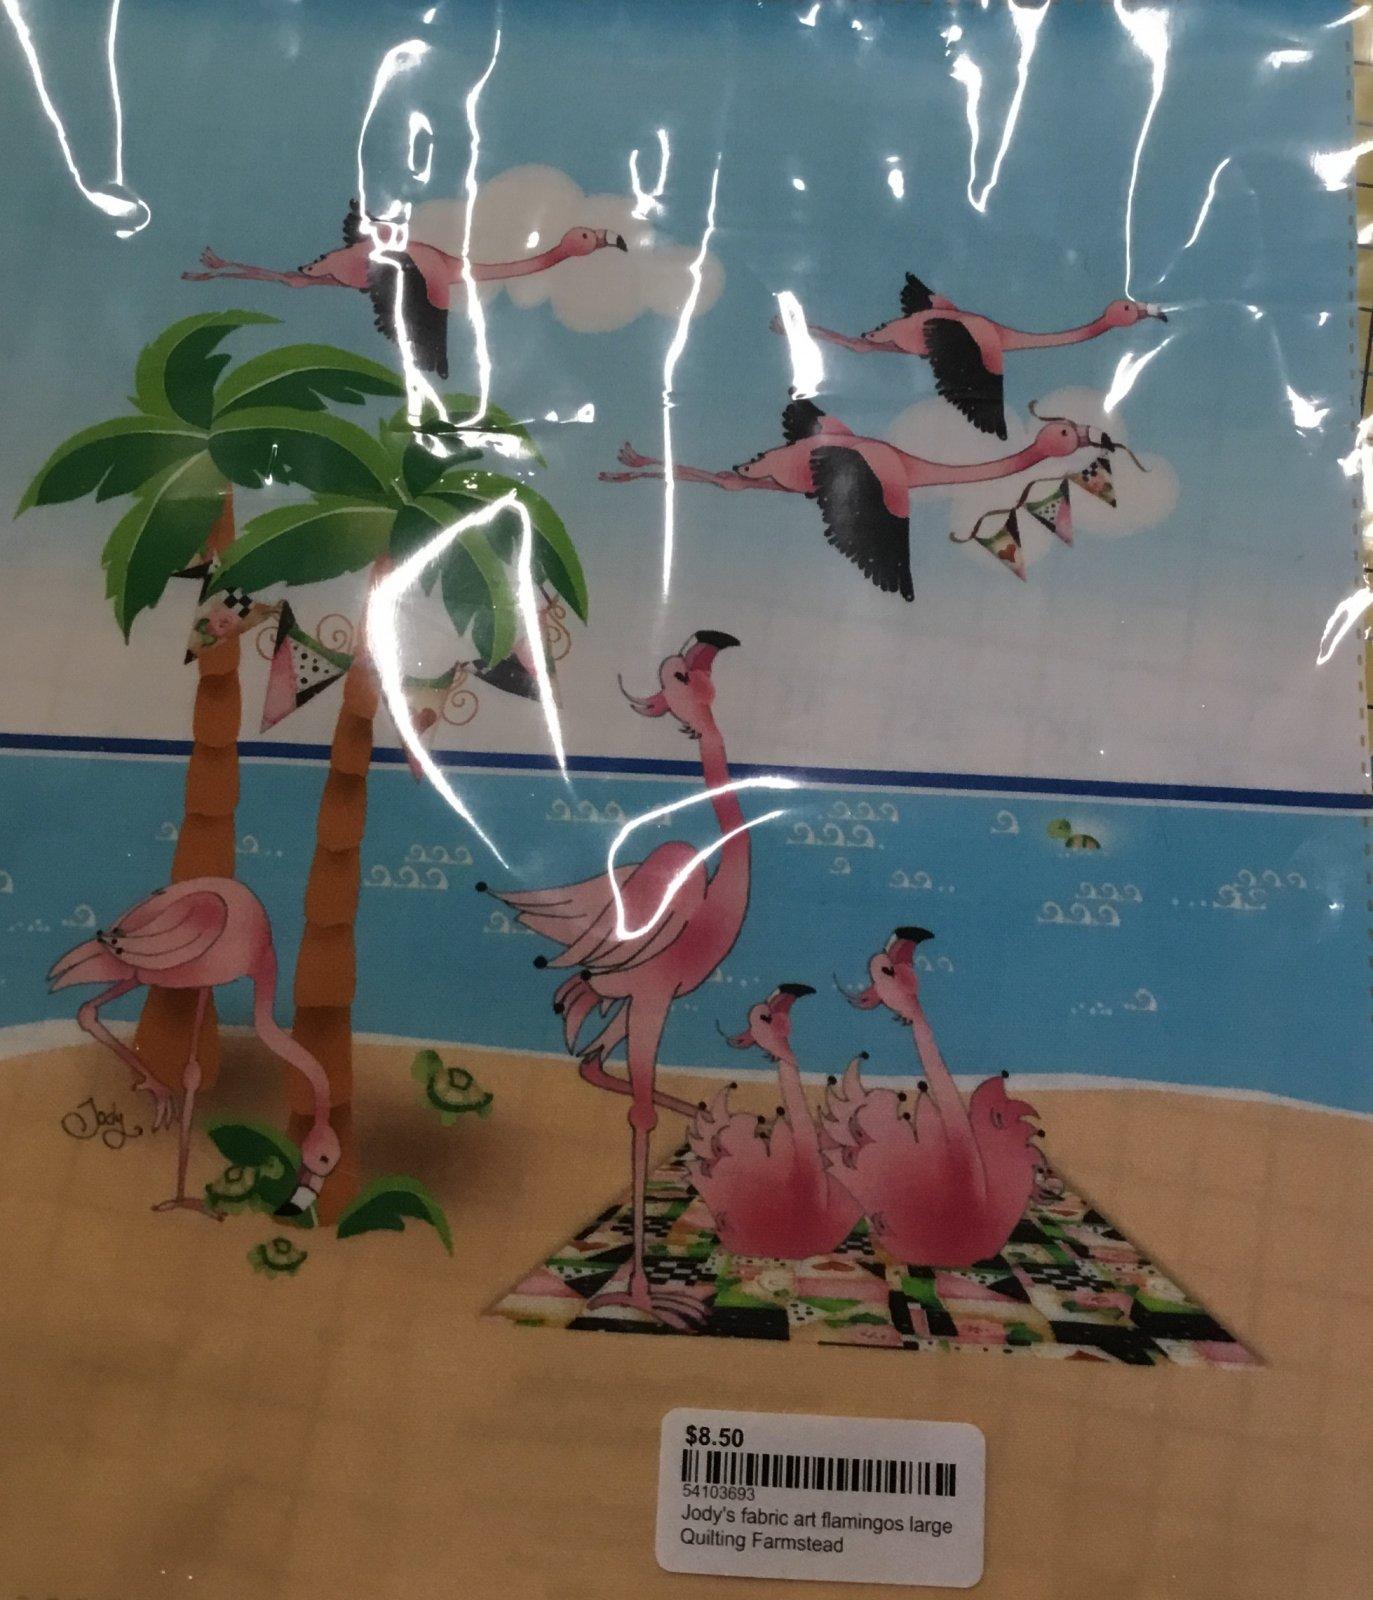 Jody's fabric art flamingos large